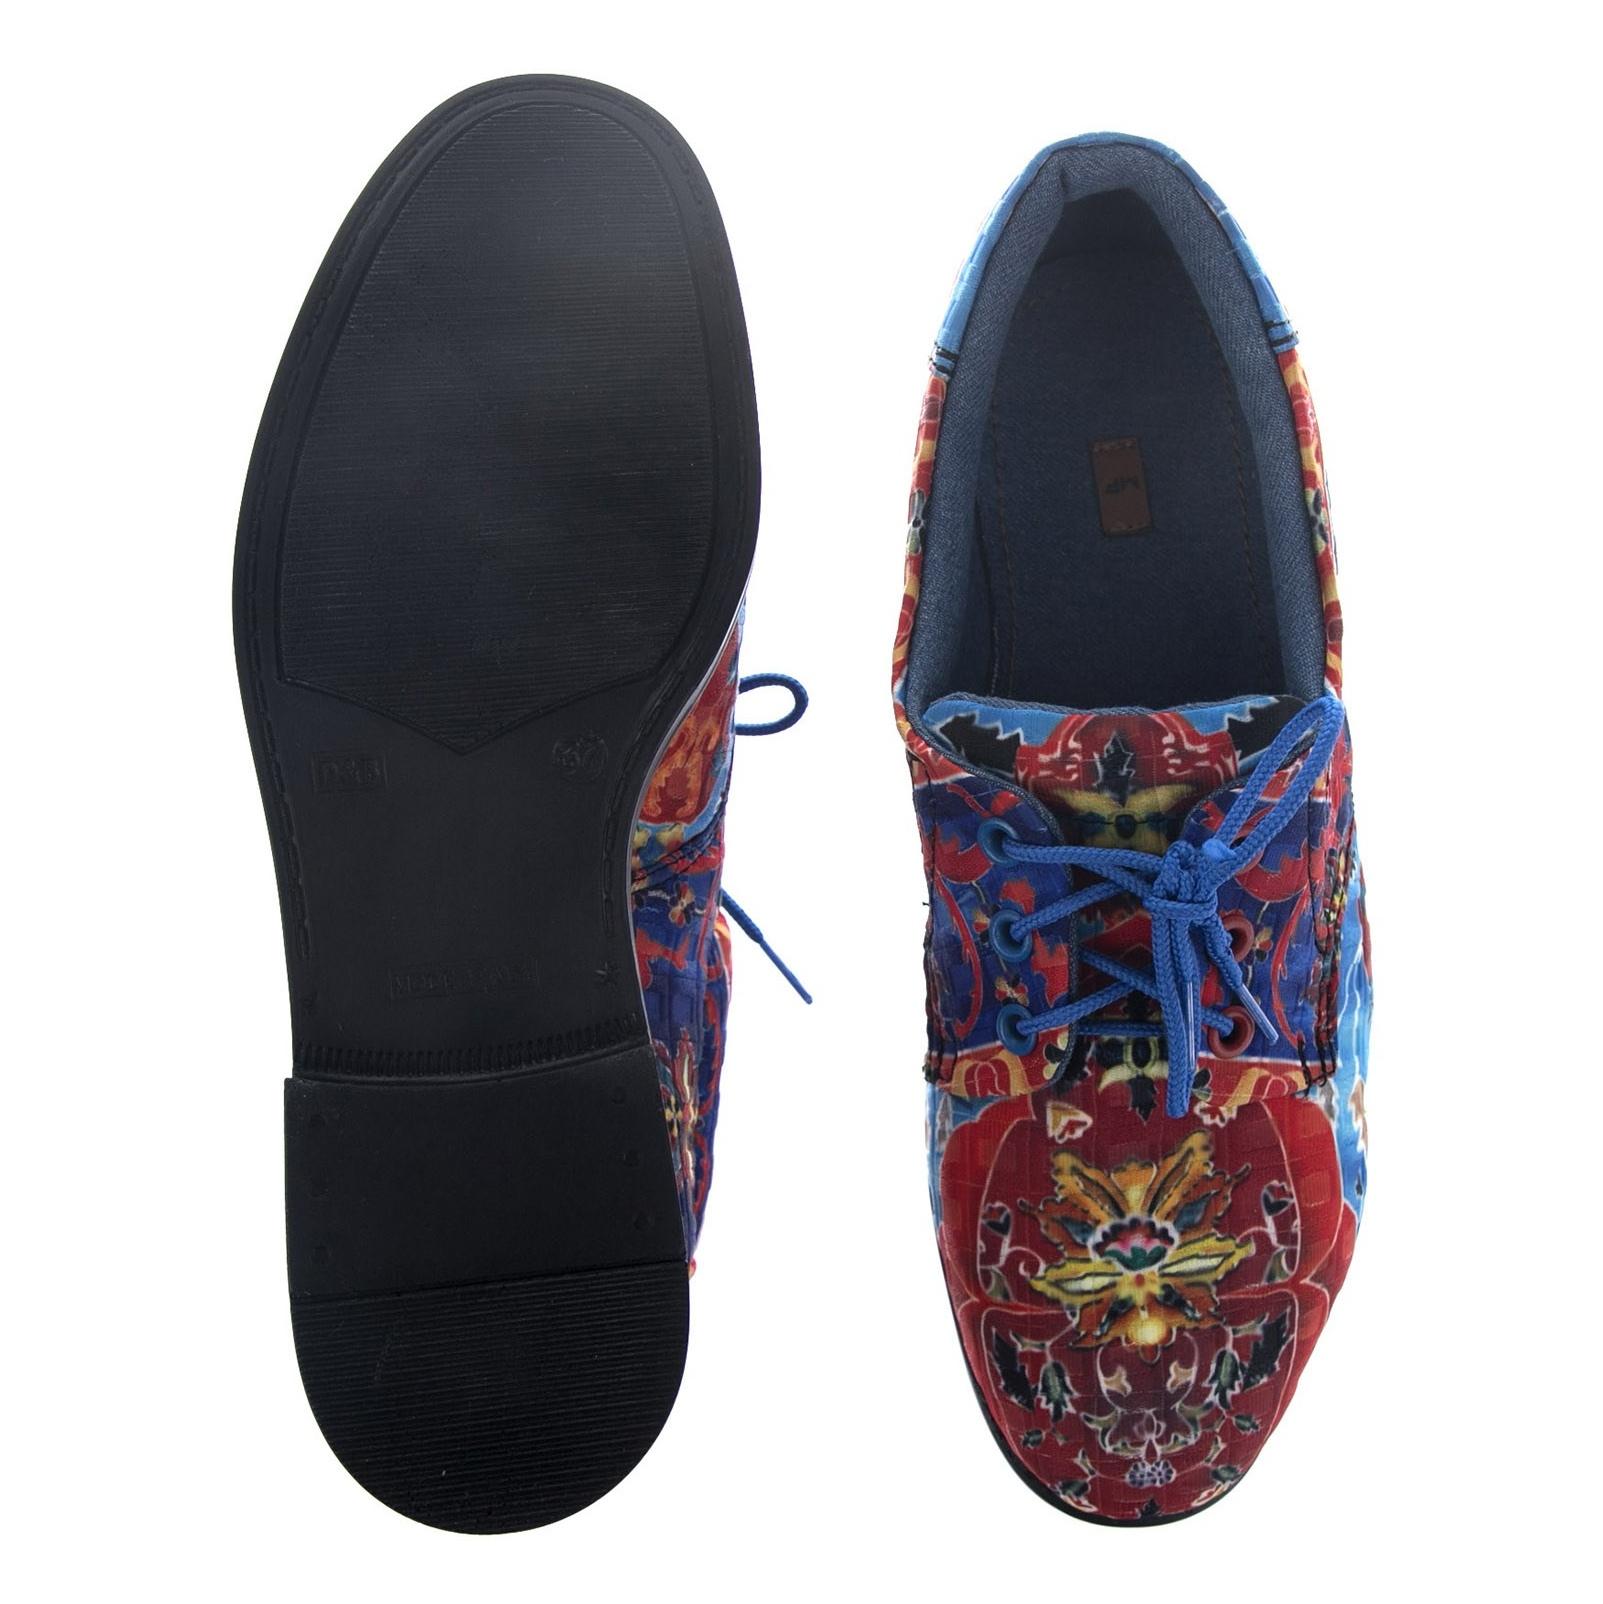 کفش تخت زنانه مدل نقاشی - مینا فخارزاده - قرمز/ آبی - 2